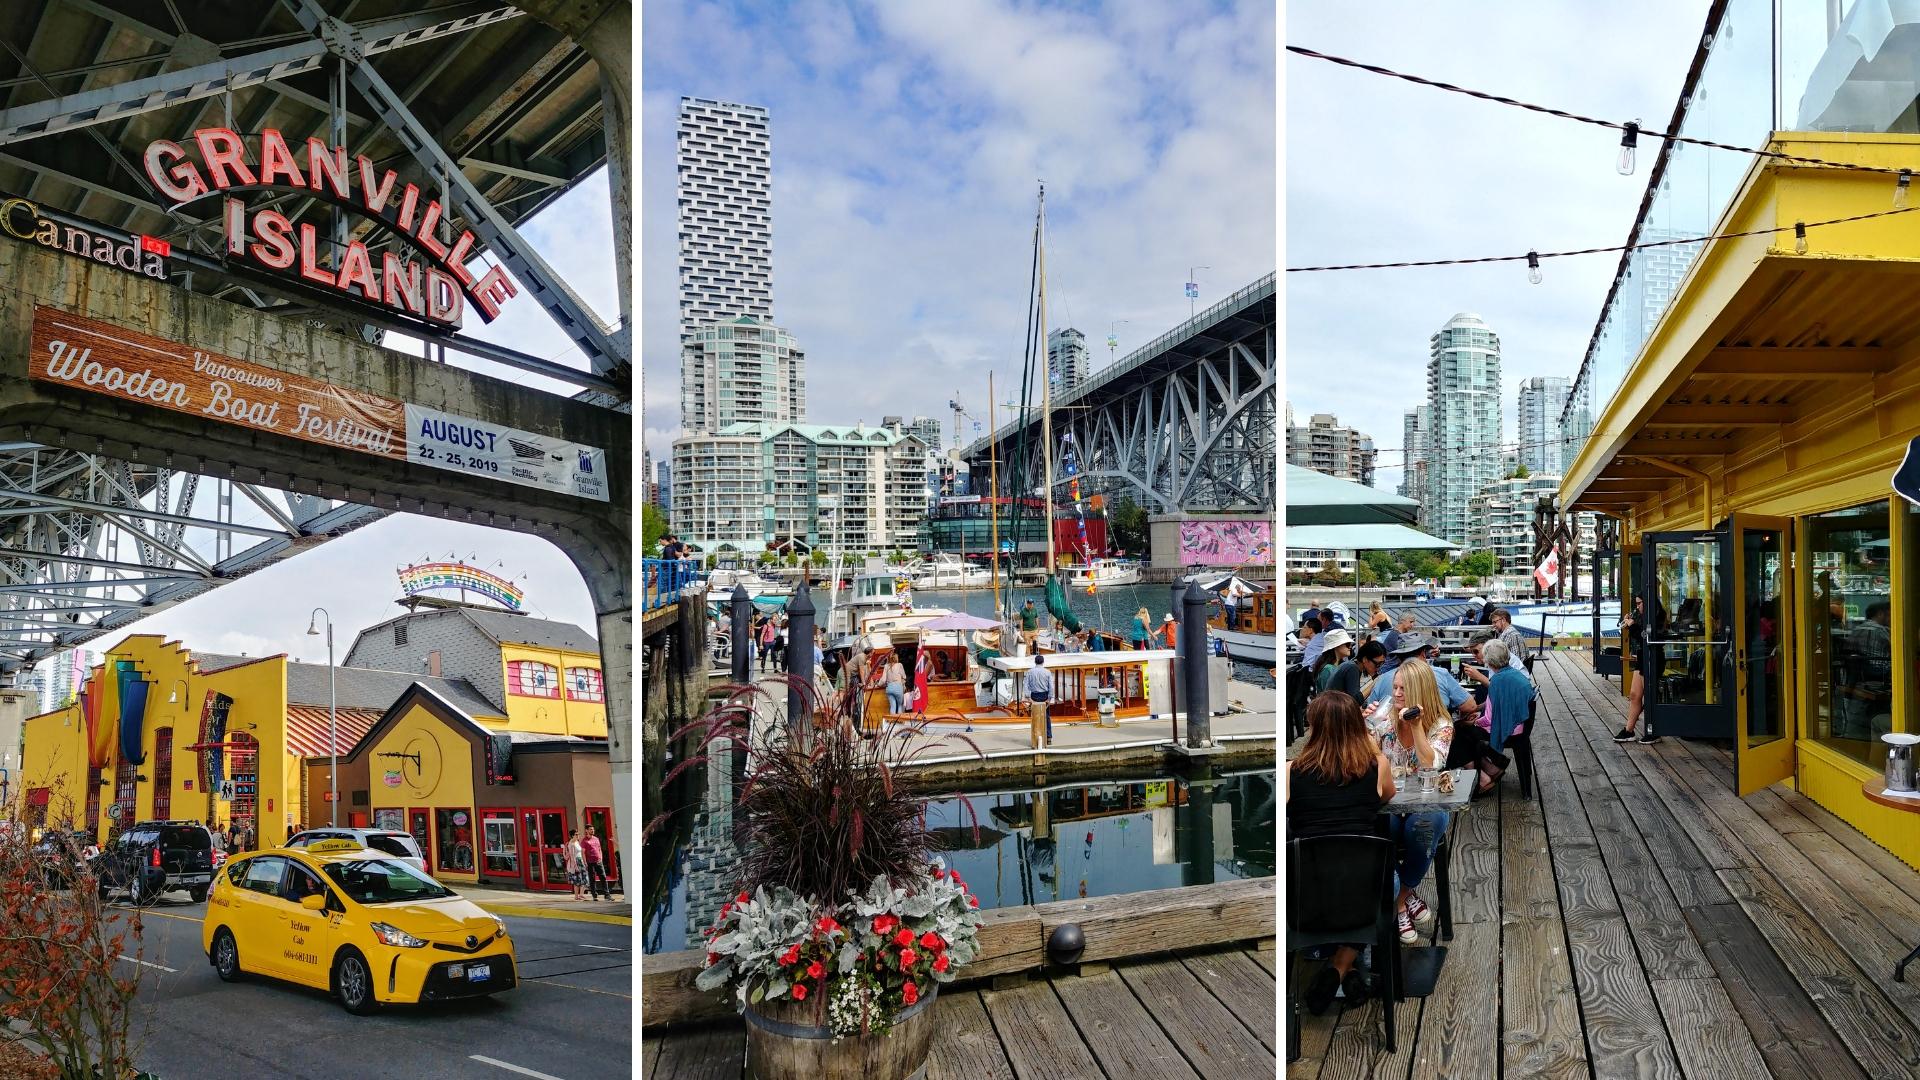 Vancouver granville island ou manger que faire balade blog voyage colombie-britannique arpenter le chemin